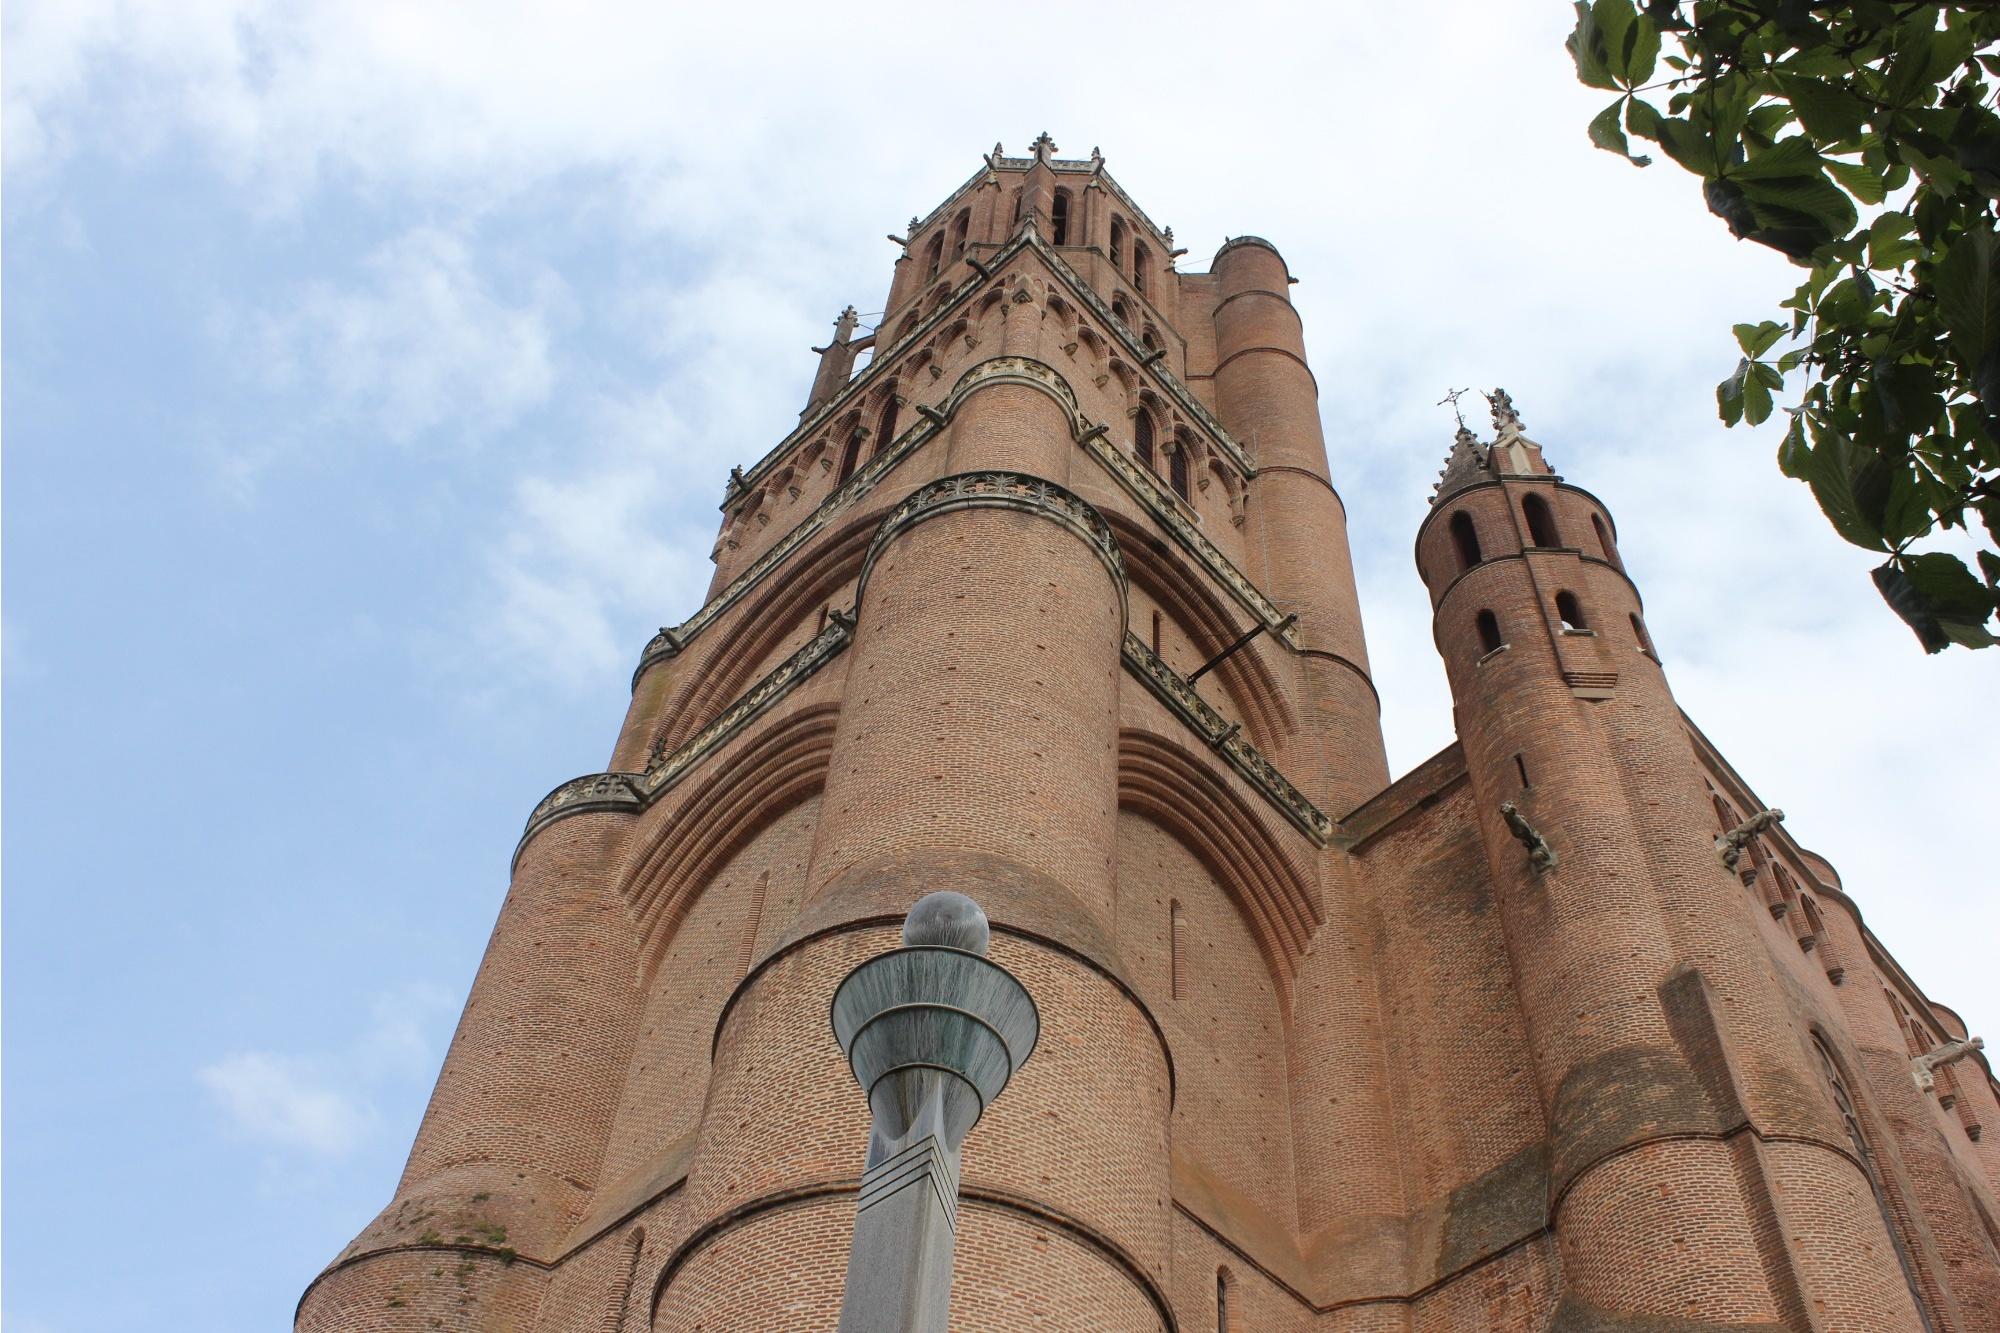 Башня собора Сен-Сесиль в Альби